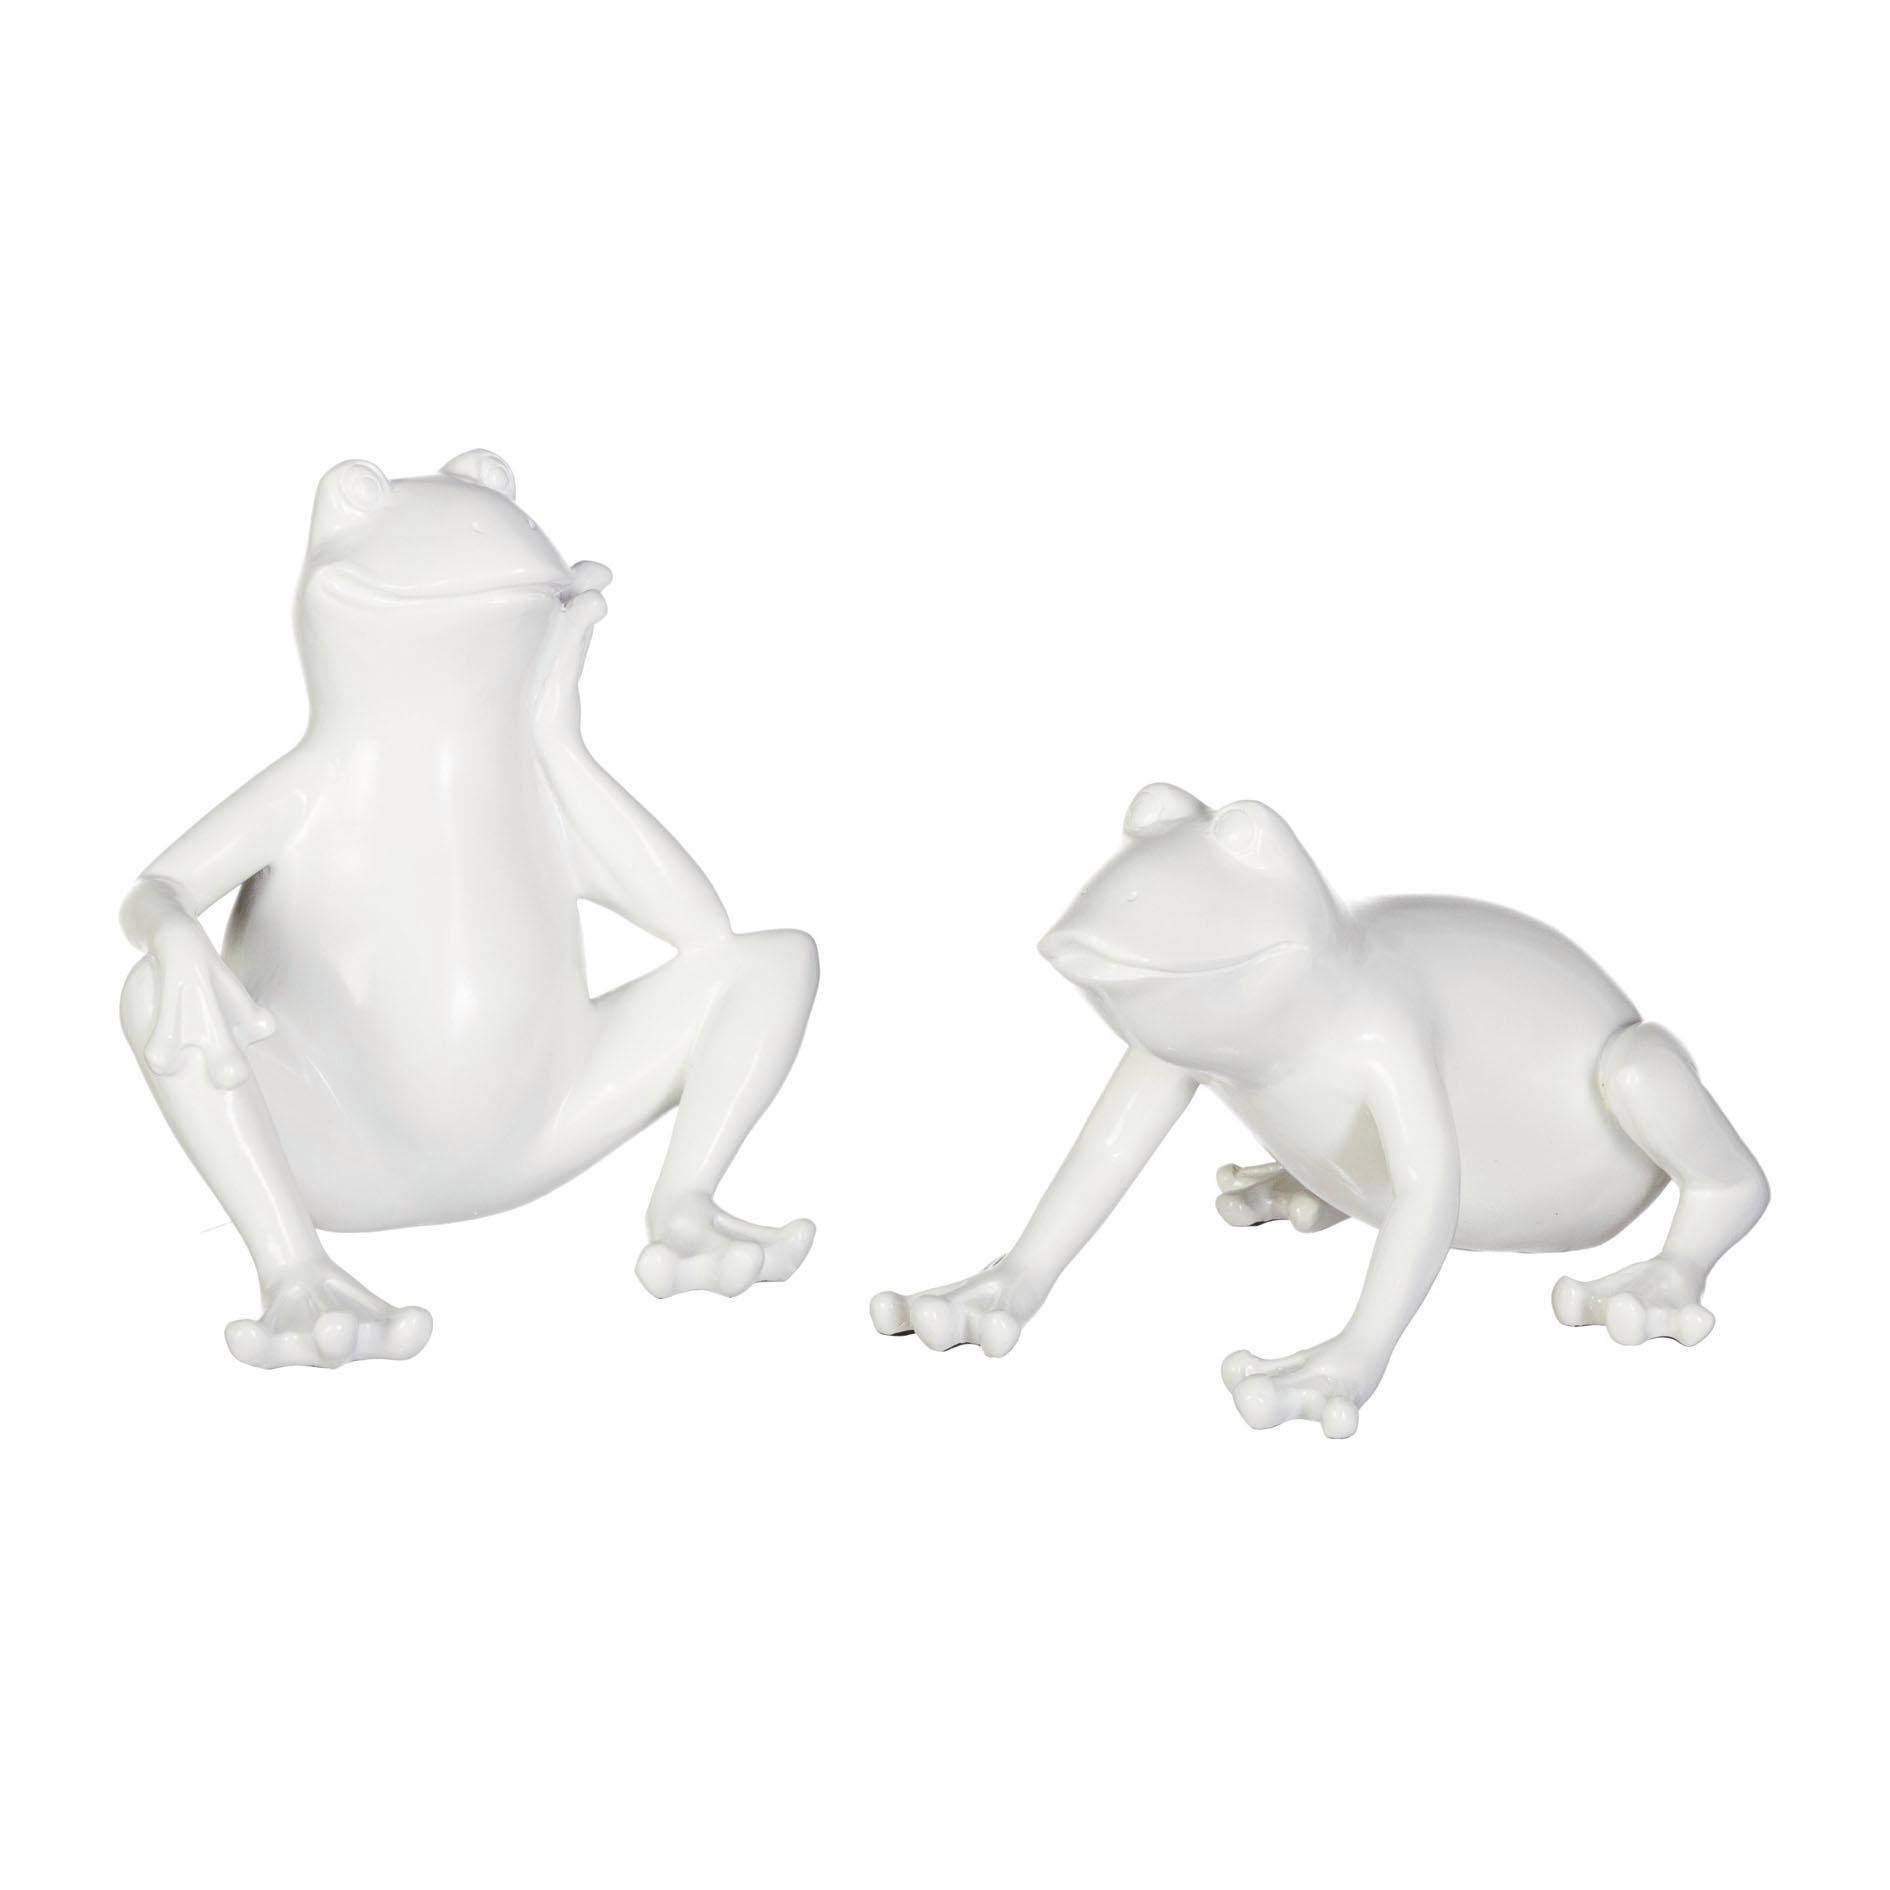 Creativ home dierfiguur set van 2 online kopen op otto.nl